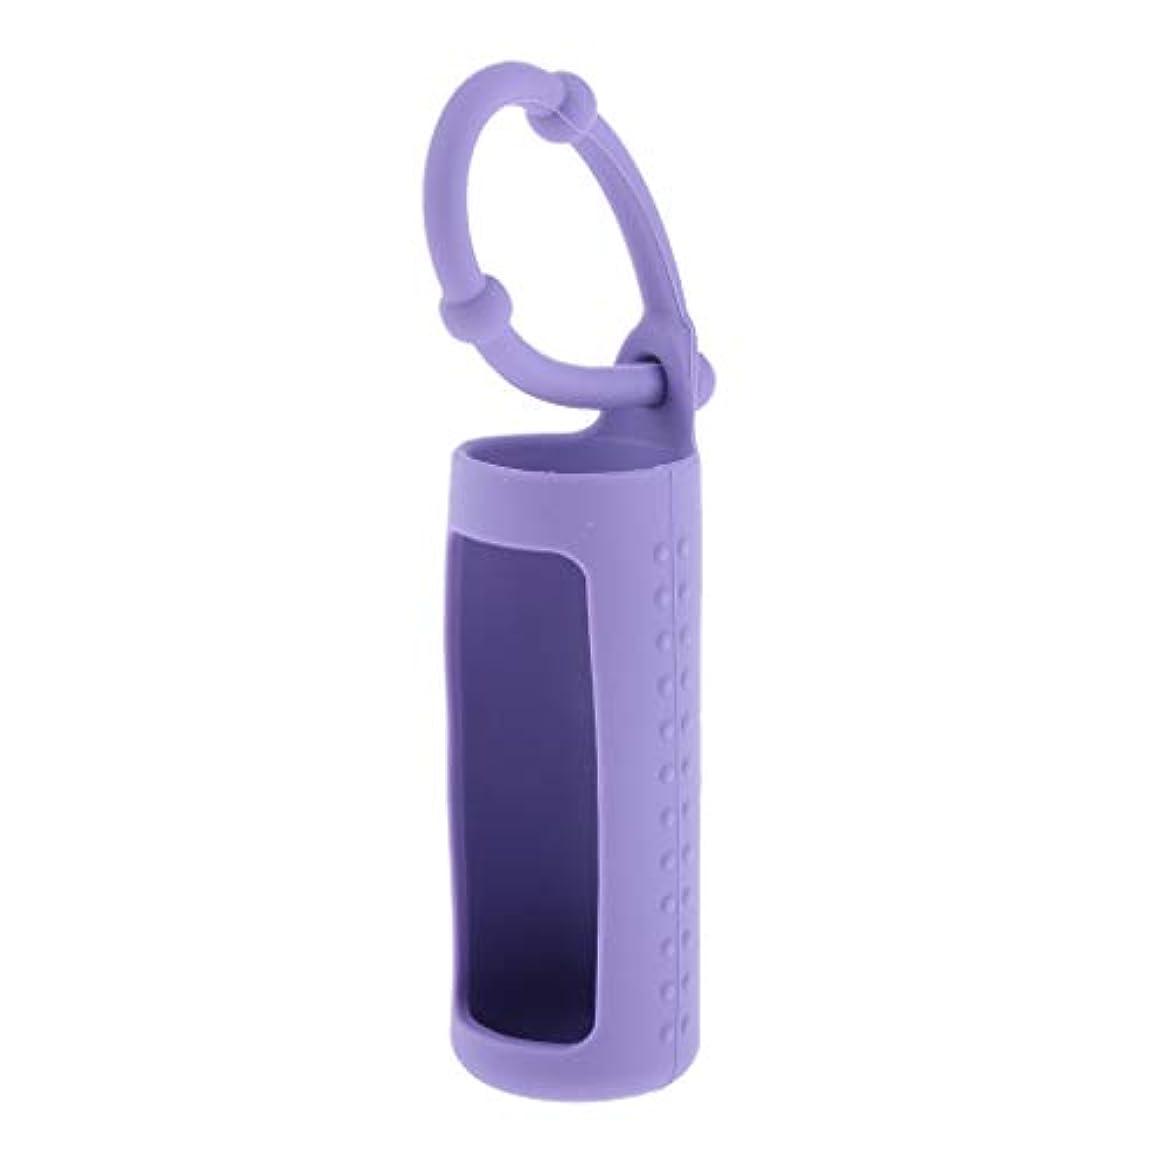 追加する残り死すべきdailymall エッセンシャルオイル 精油 香水ボトル ホルダー 詰替え容器 吊り掛け 10ml 全6色 - 紫